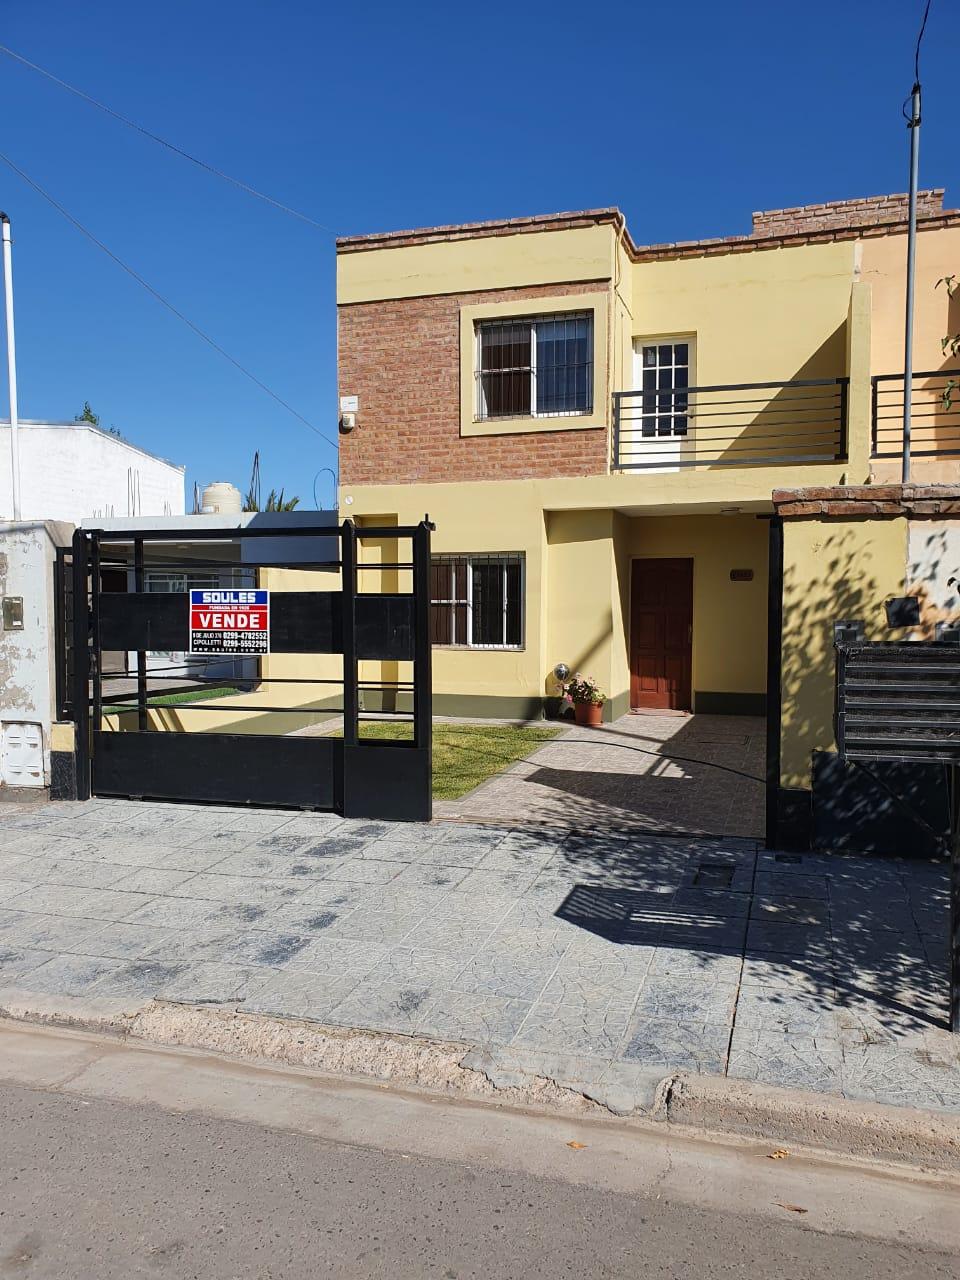 Dúplex ubicado en barrio Jorge Newberry, s/ calle Molina Campos